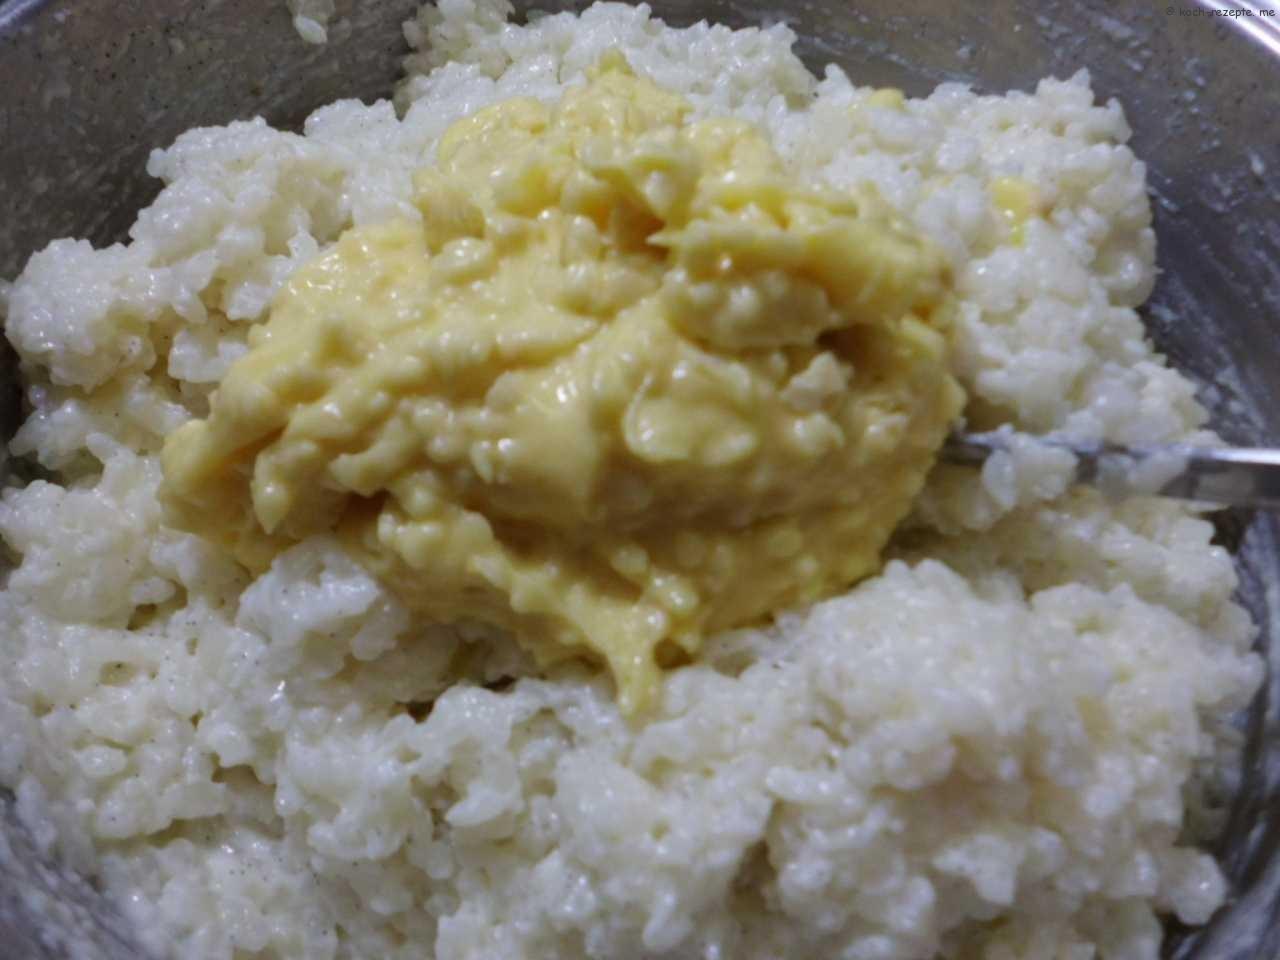 dem erkalteten Milch-Reis wird die Butter-,Zucker-,Eigelb und Mandelnmasse unter gehoben